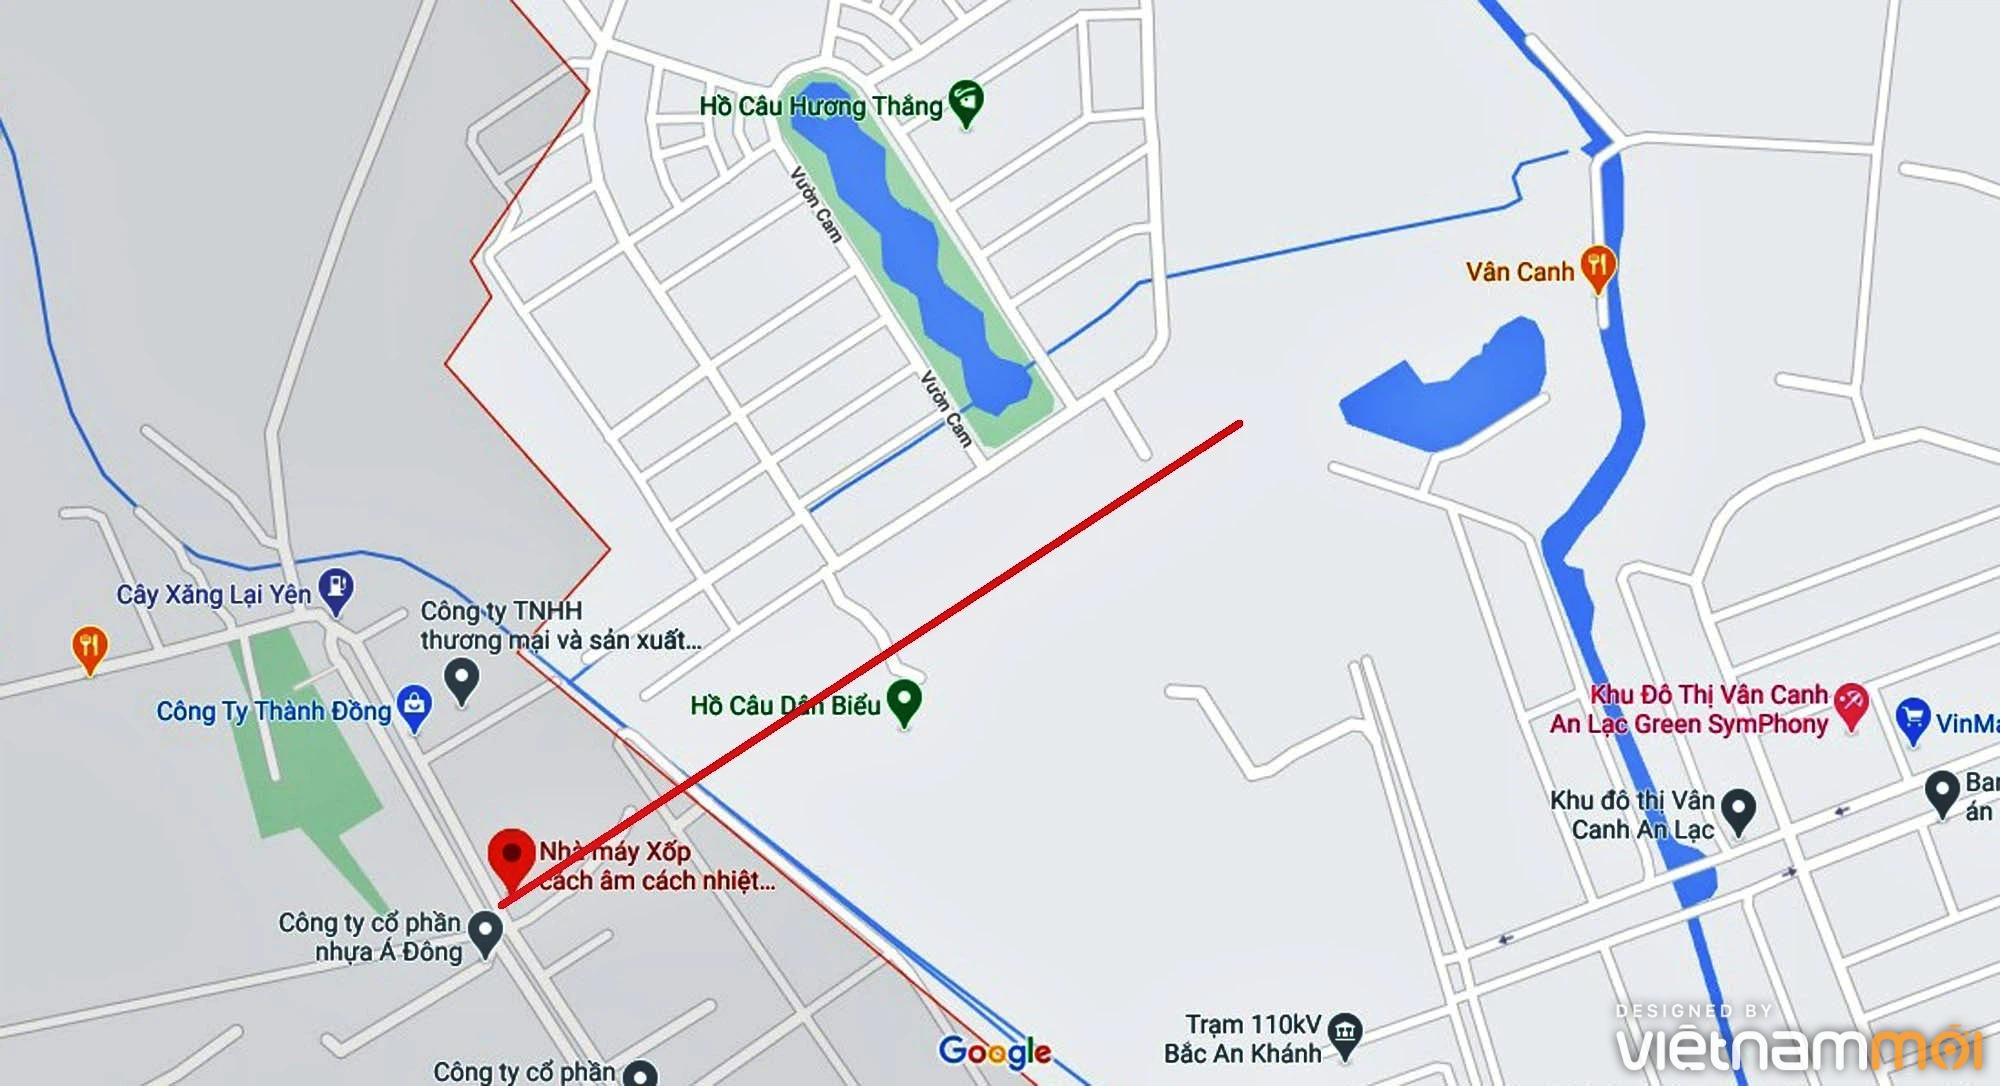 Đường sẽ mở theo quy hoạch ở xã Vân Canh, Hoài Đức, Hà Nội (phần 4) - Ảnh 2.